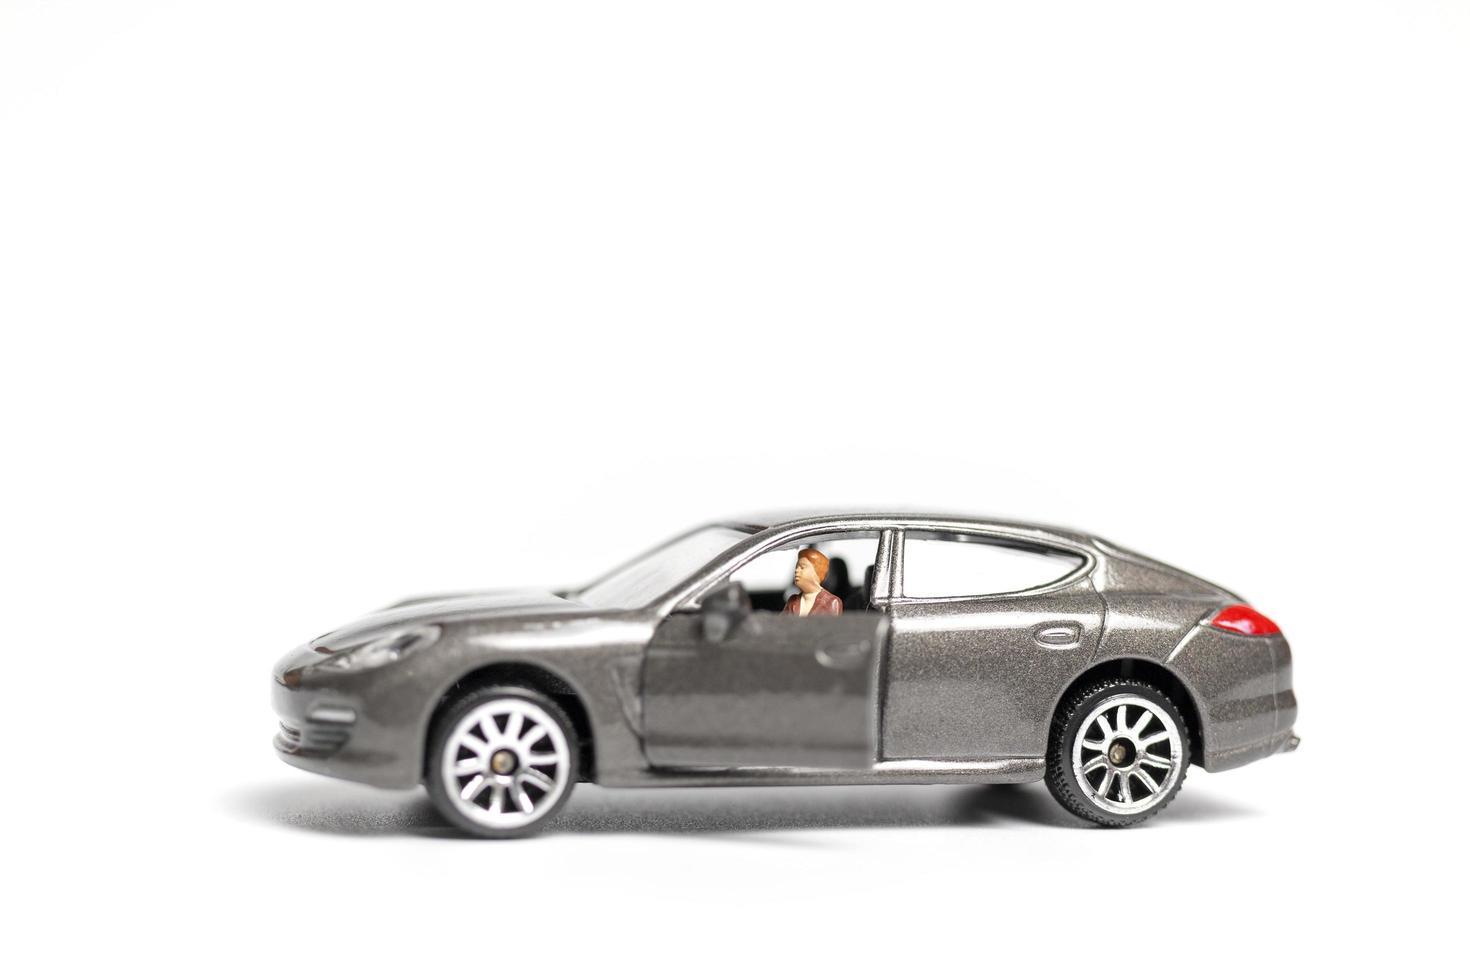 personnes miniatures assis sur une voiture sur fond blanc photo